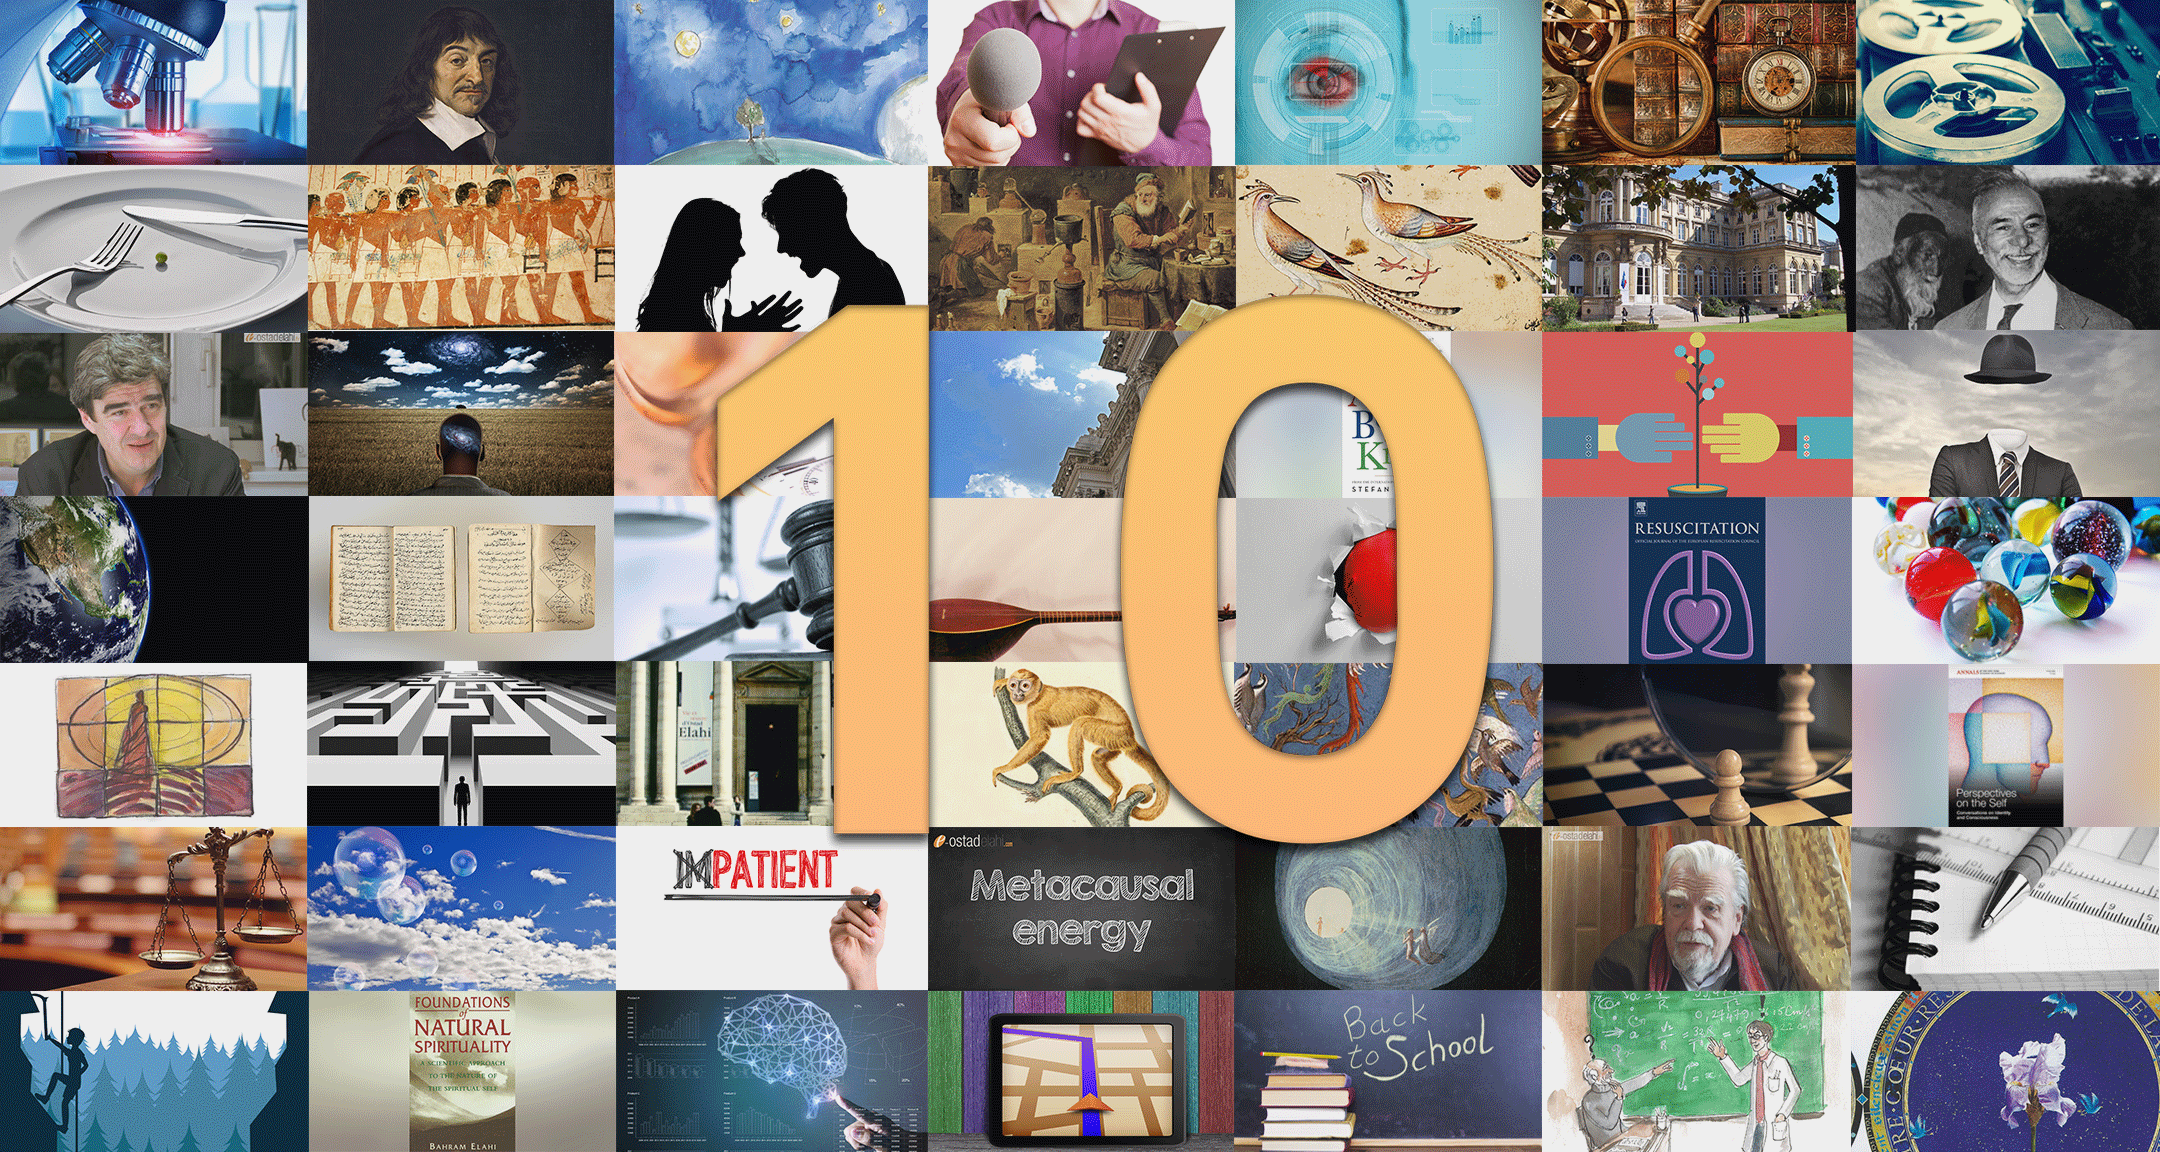 e-ostadelahi - 10 years